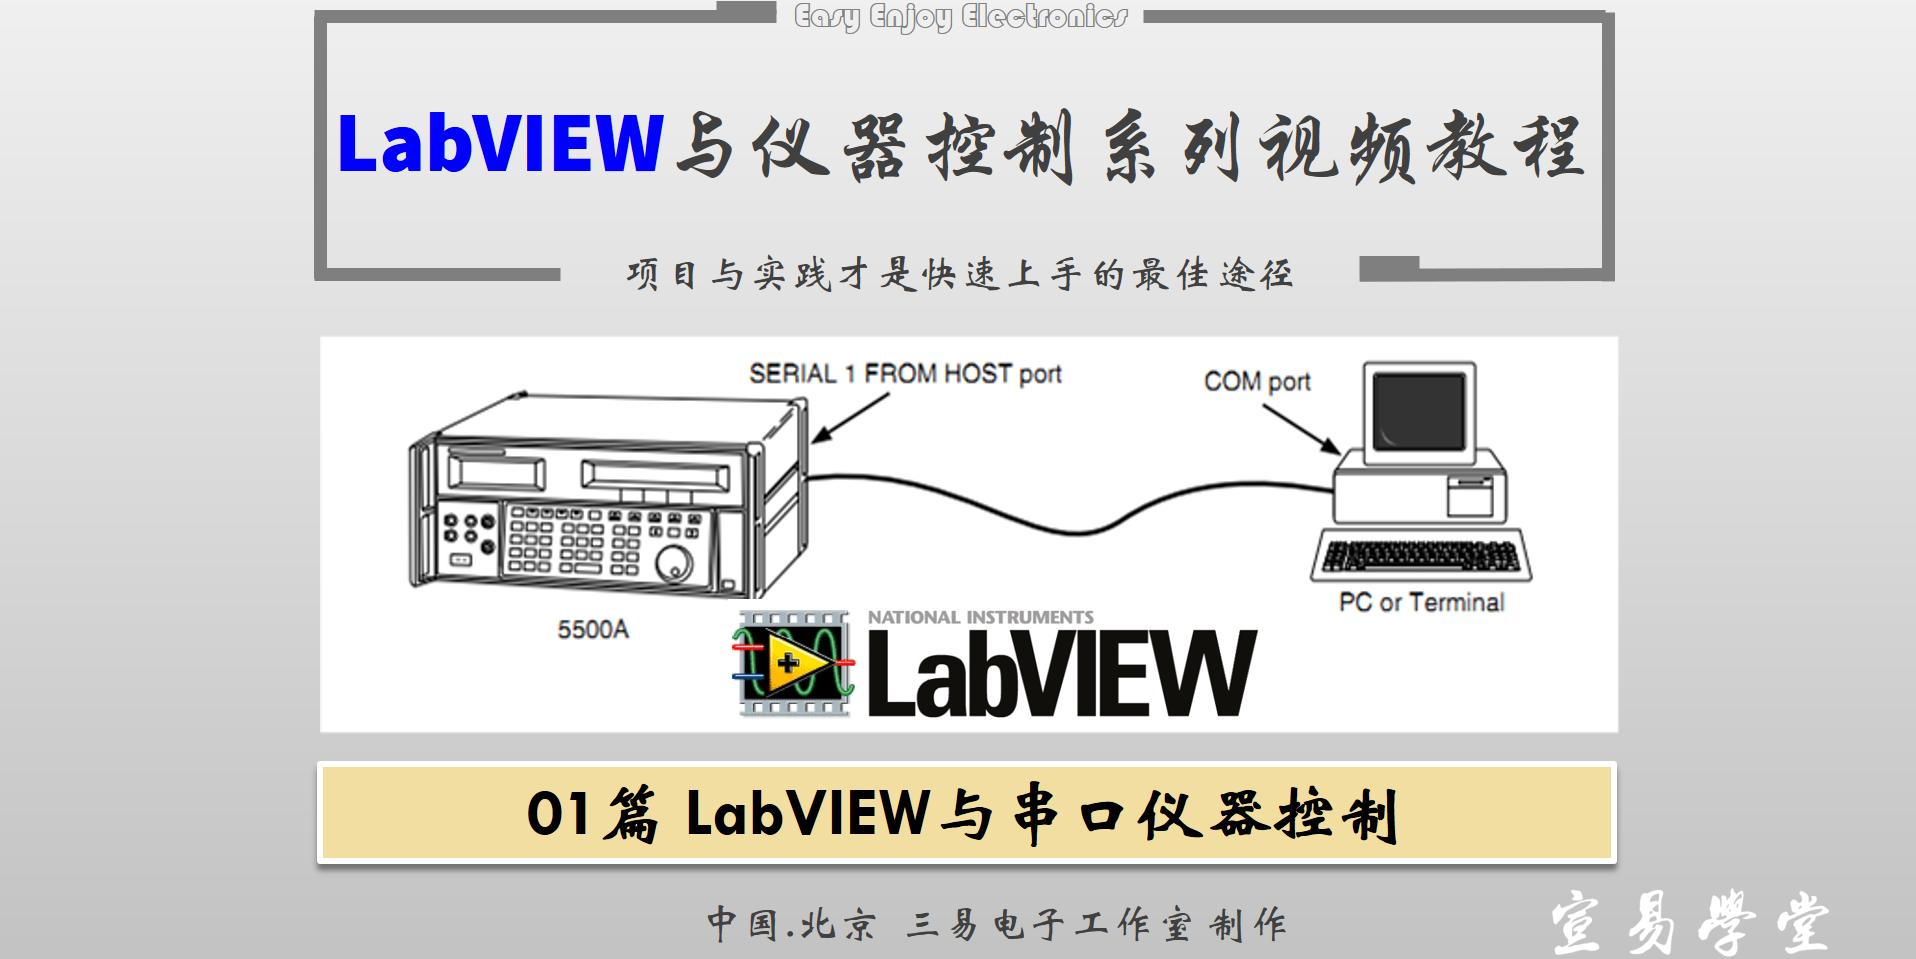 【仪器控制系列】LabVIEW串口通信详解视频教程